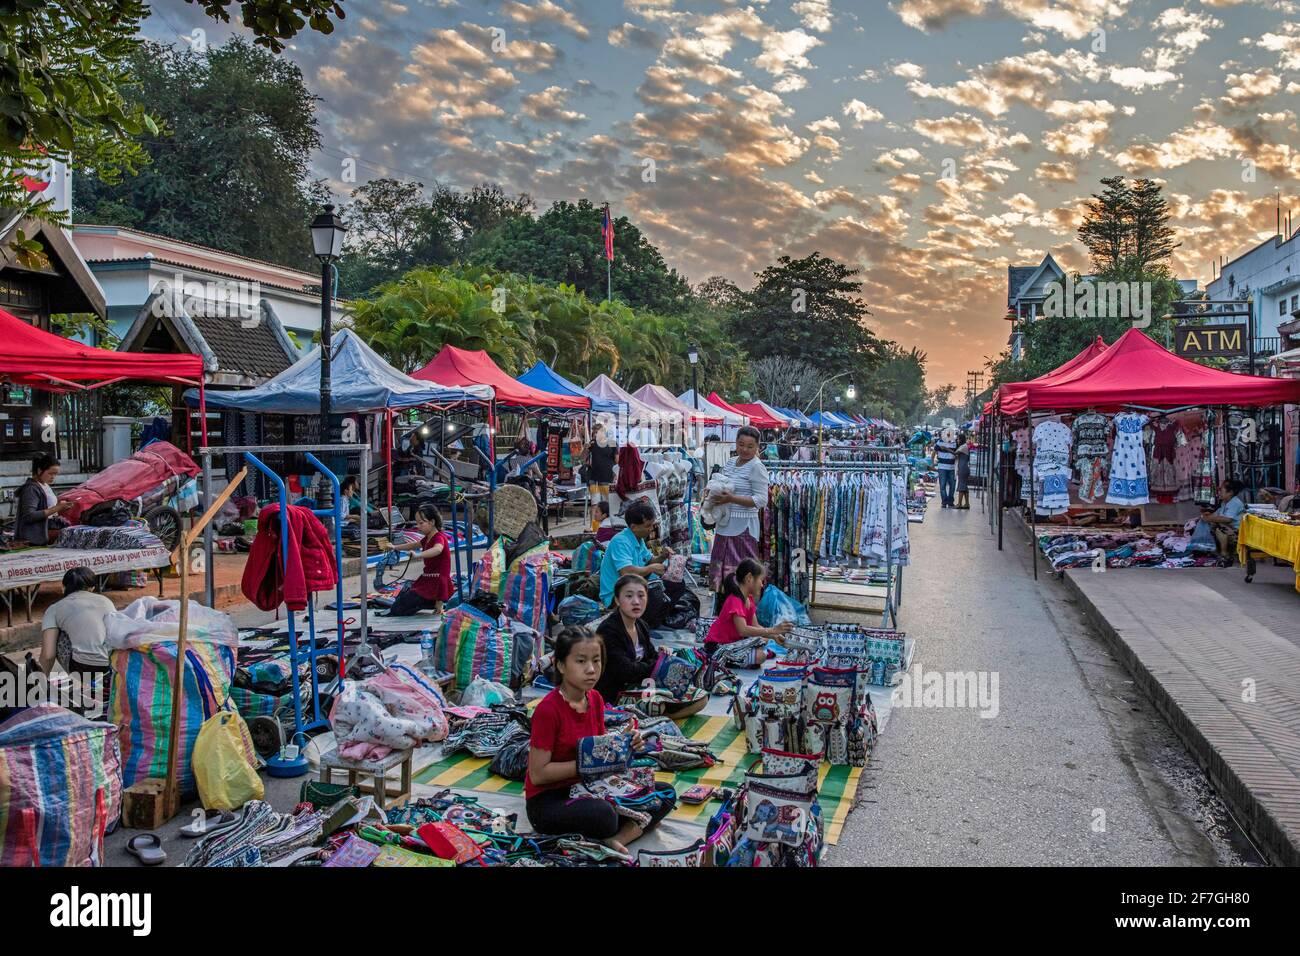 Marché de nuit avec étals vendant des vêtements colorés, du textile et des souvenirs dans la ville de Luang Phabang / Luang Prabang / Louangphabang, Laos Banque D'Images